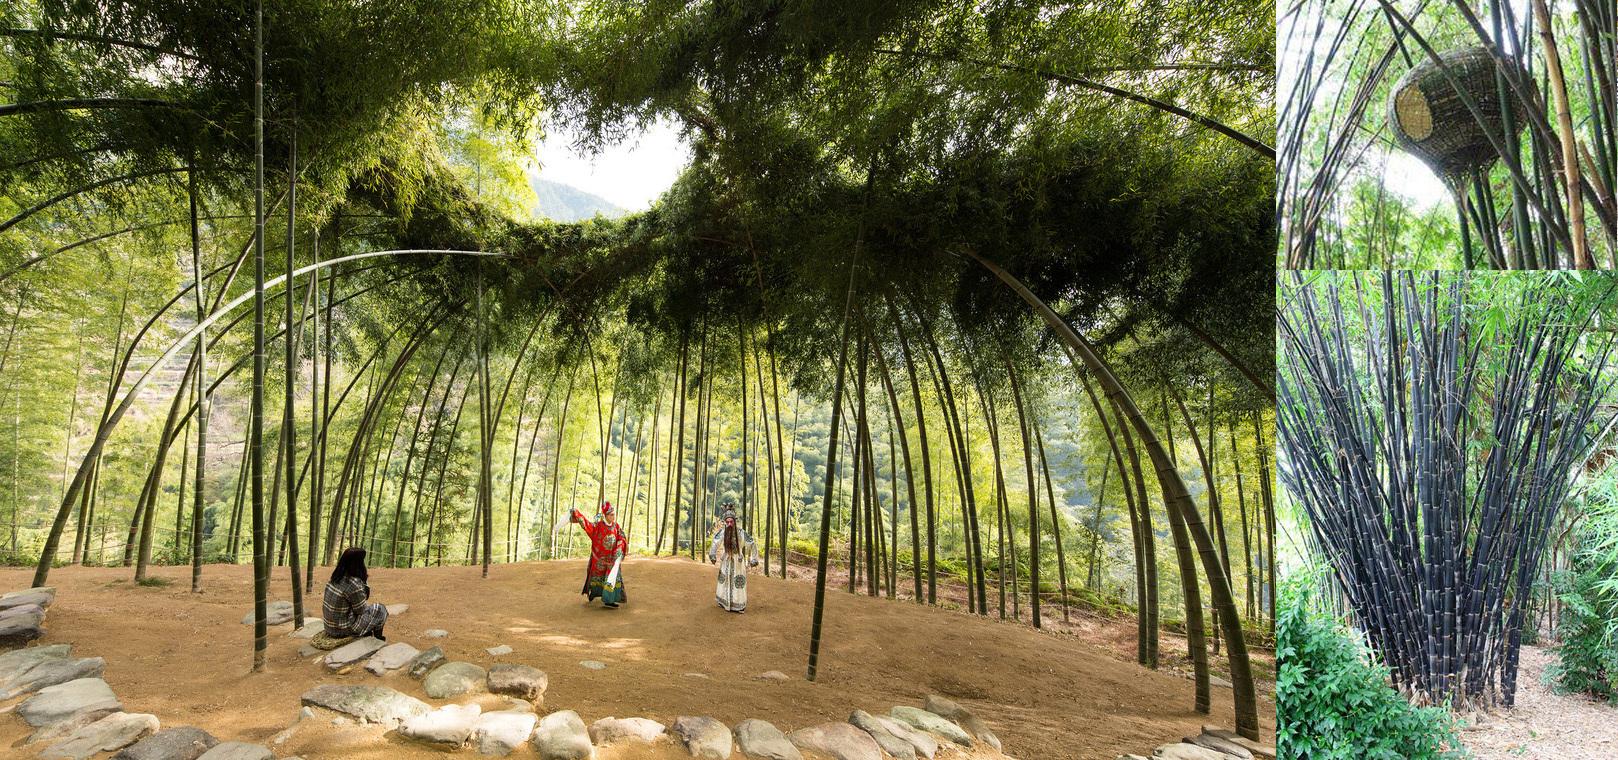 Pflanz-Events für nachwachsende Rankhilfen bzw. Baumaterial z.B. Bambus-Nutzwäldchen, die gleichzeitig als schattige Spielplätze u.v.m. dienen